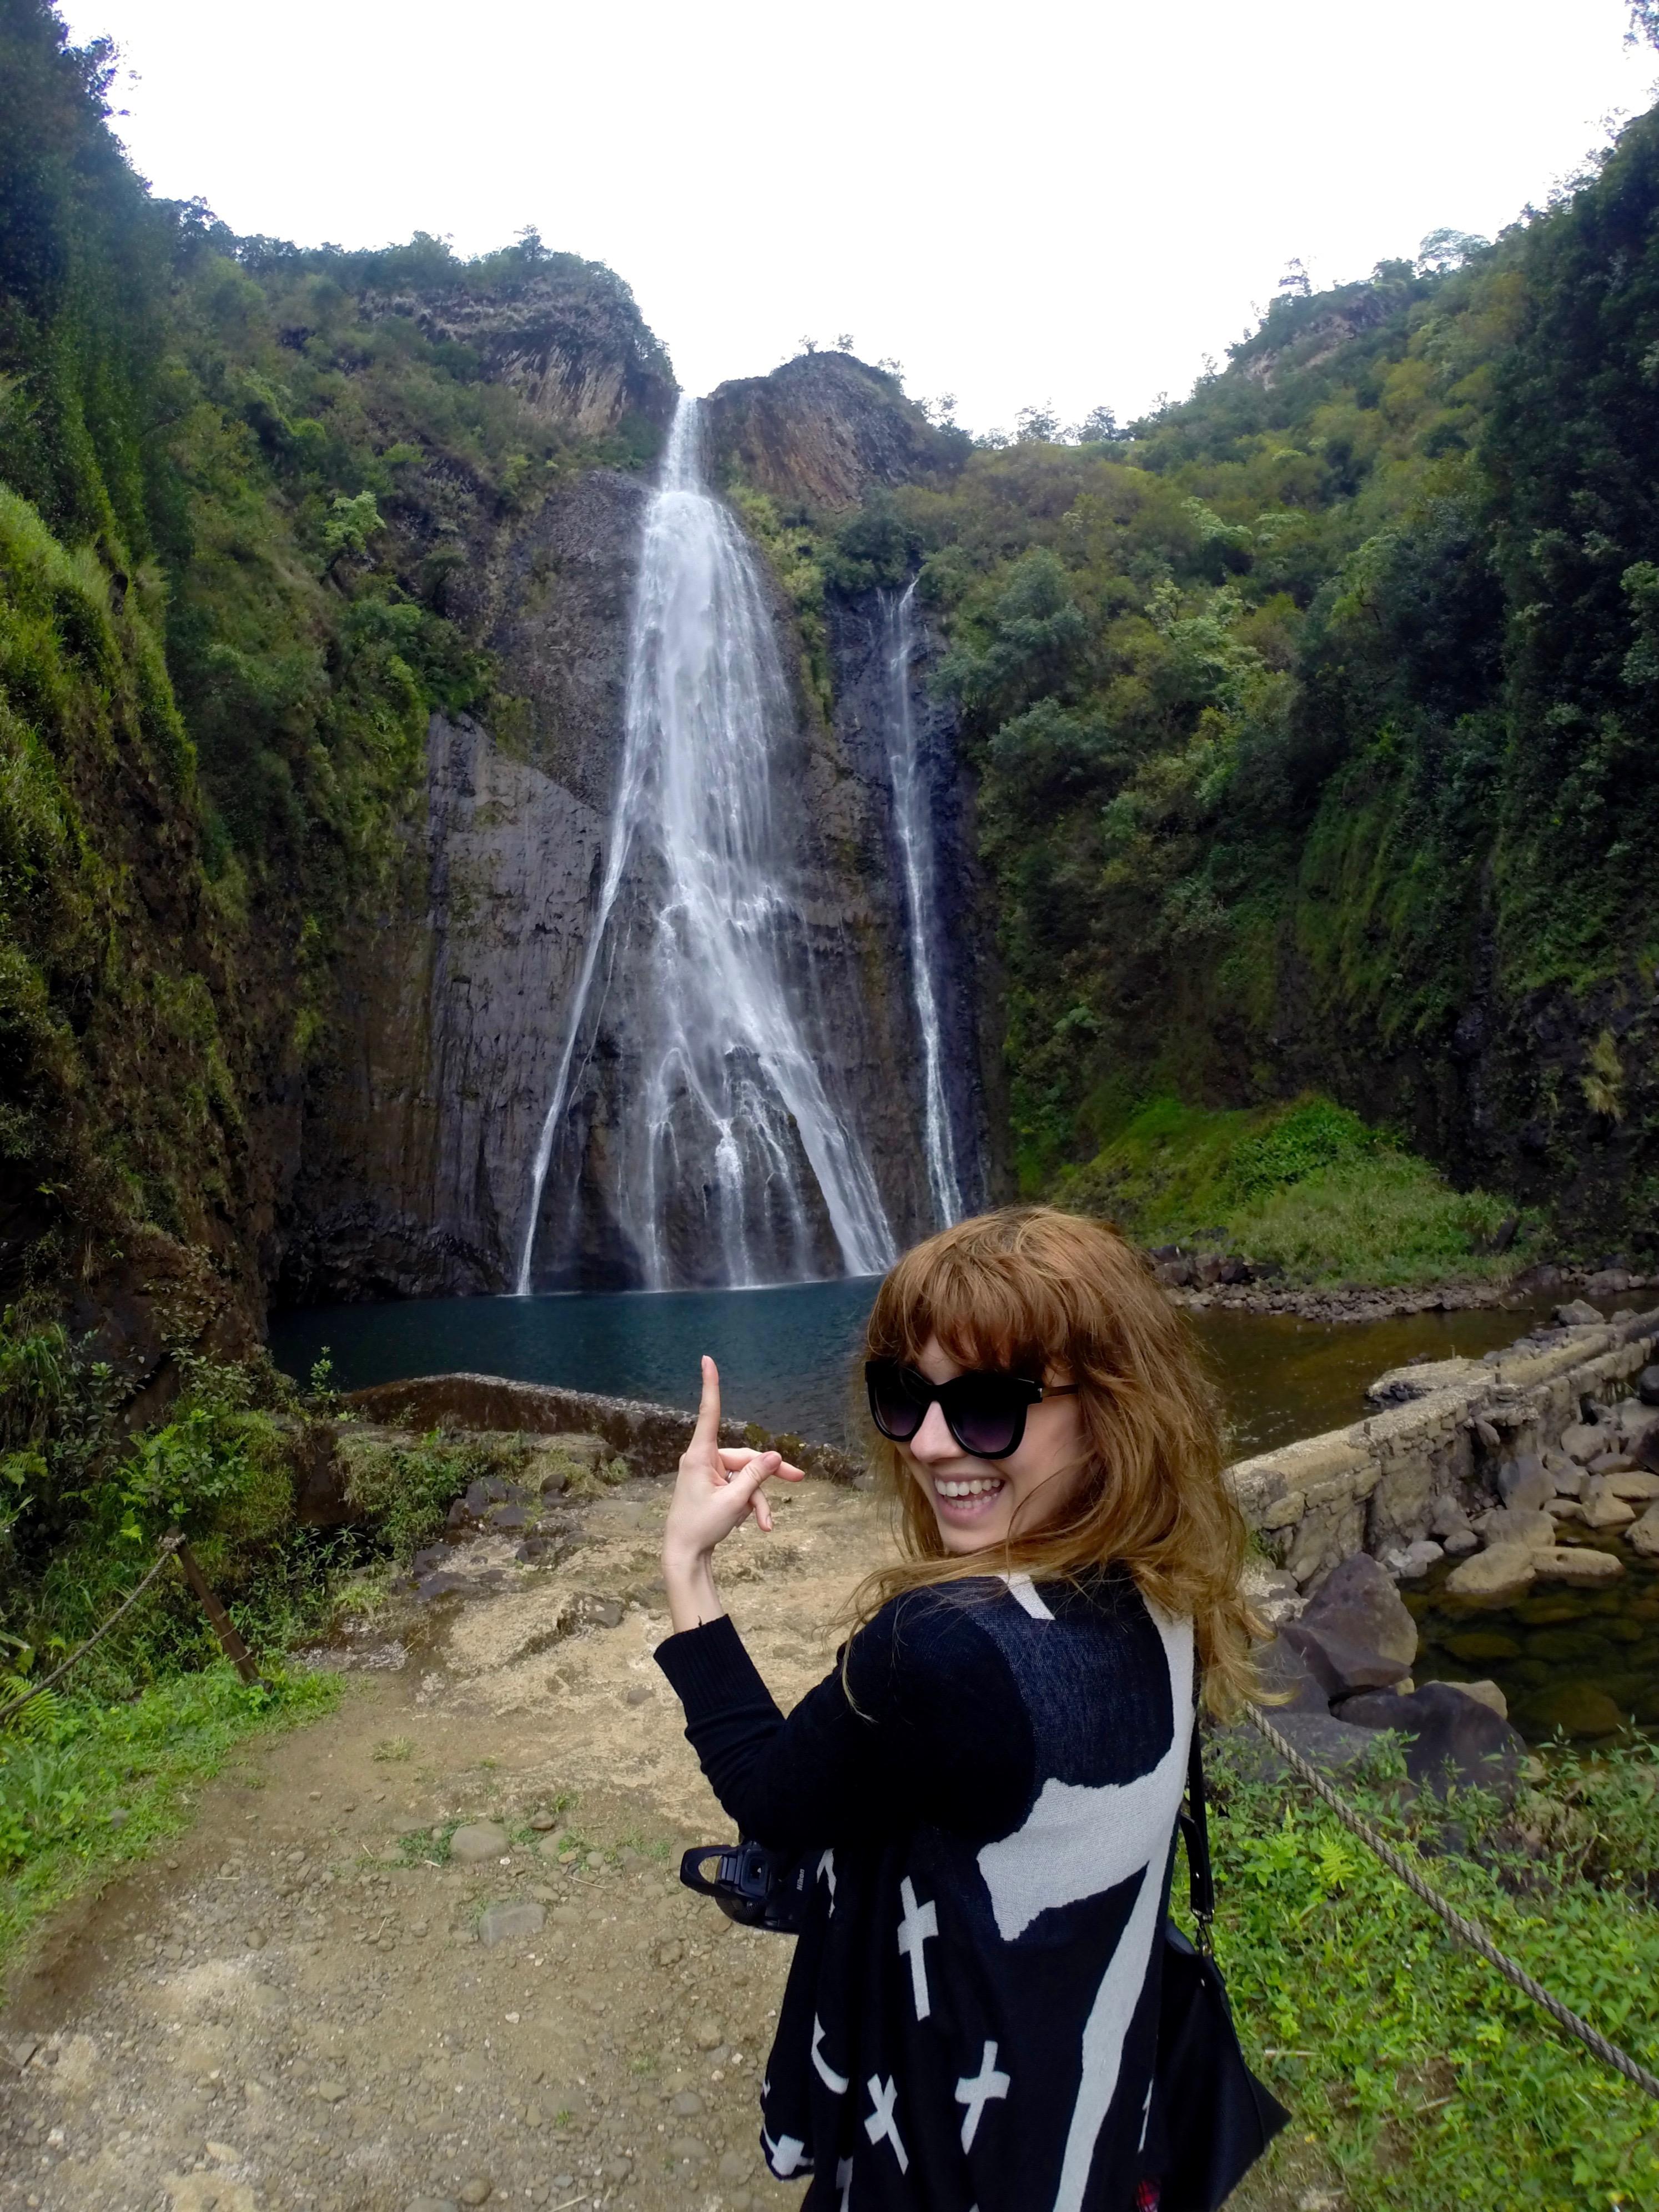 vodopád Manawaiopuna, ktorý je známejší ako Jurassic Park waterfall